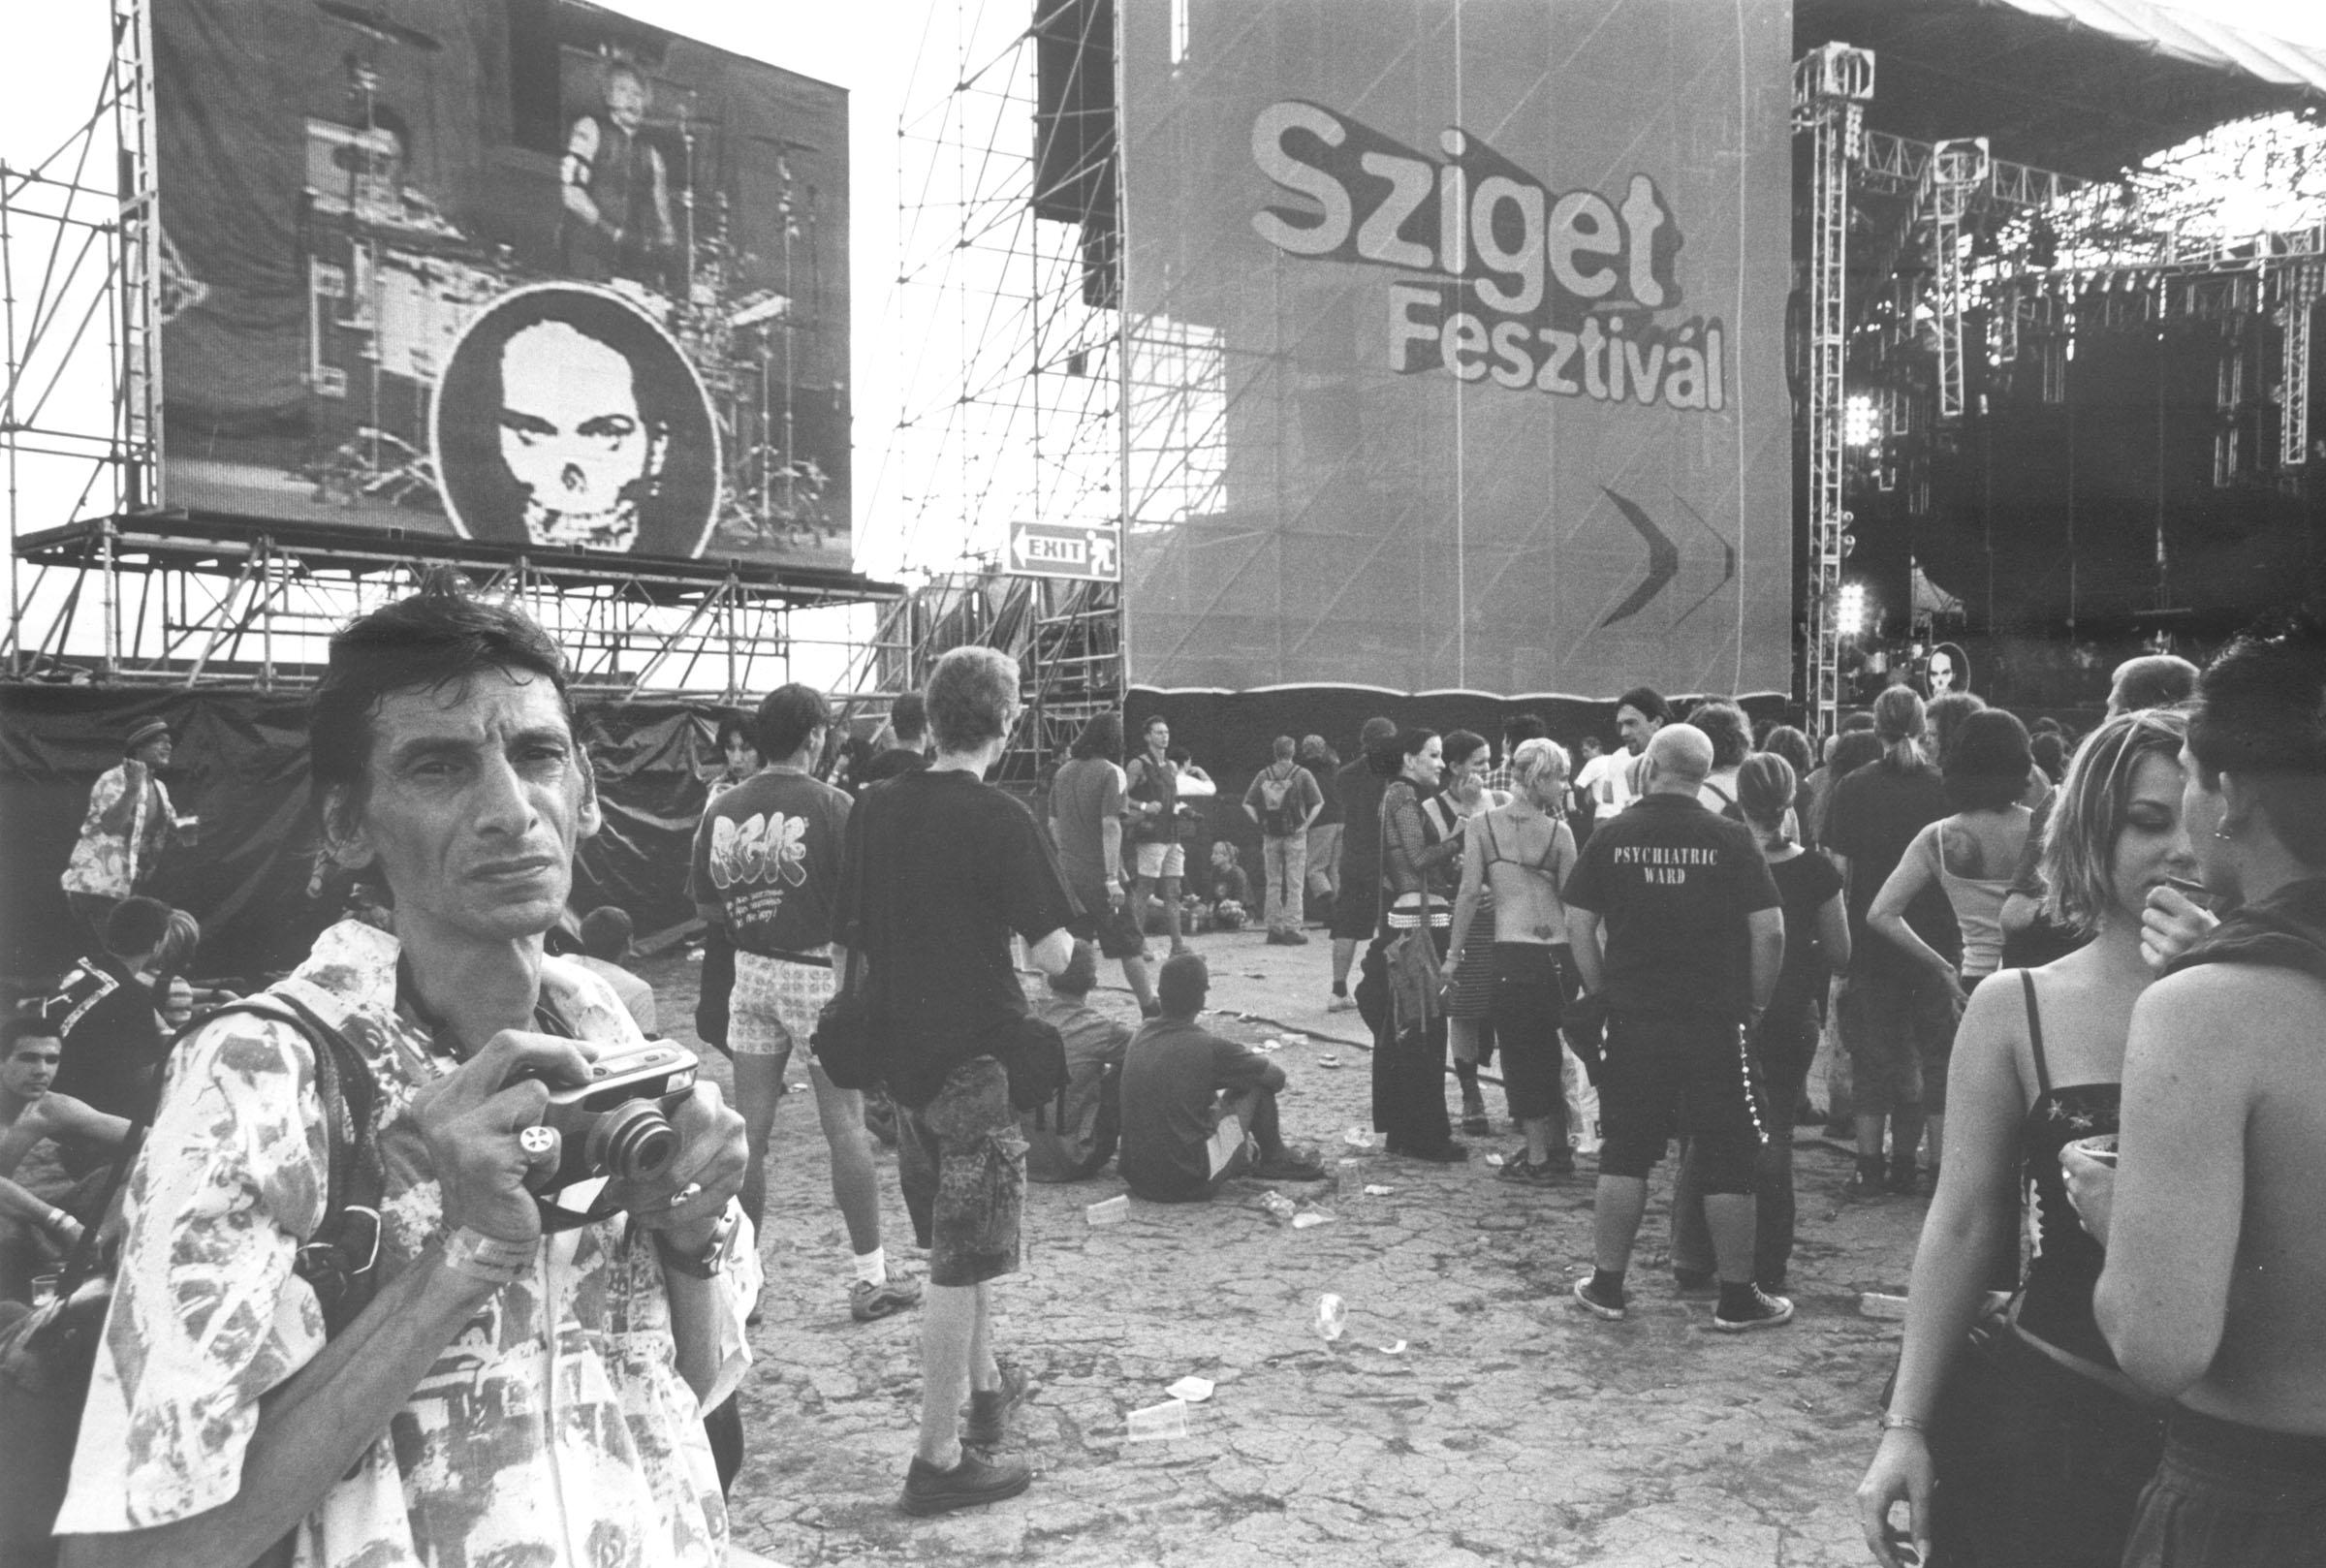 2004.09.18. Hétköznapok fotópályázat - Merjás Georgij - Menekülés a hétköznapok elöl.jpg